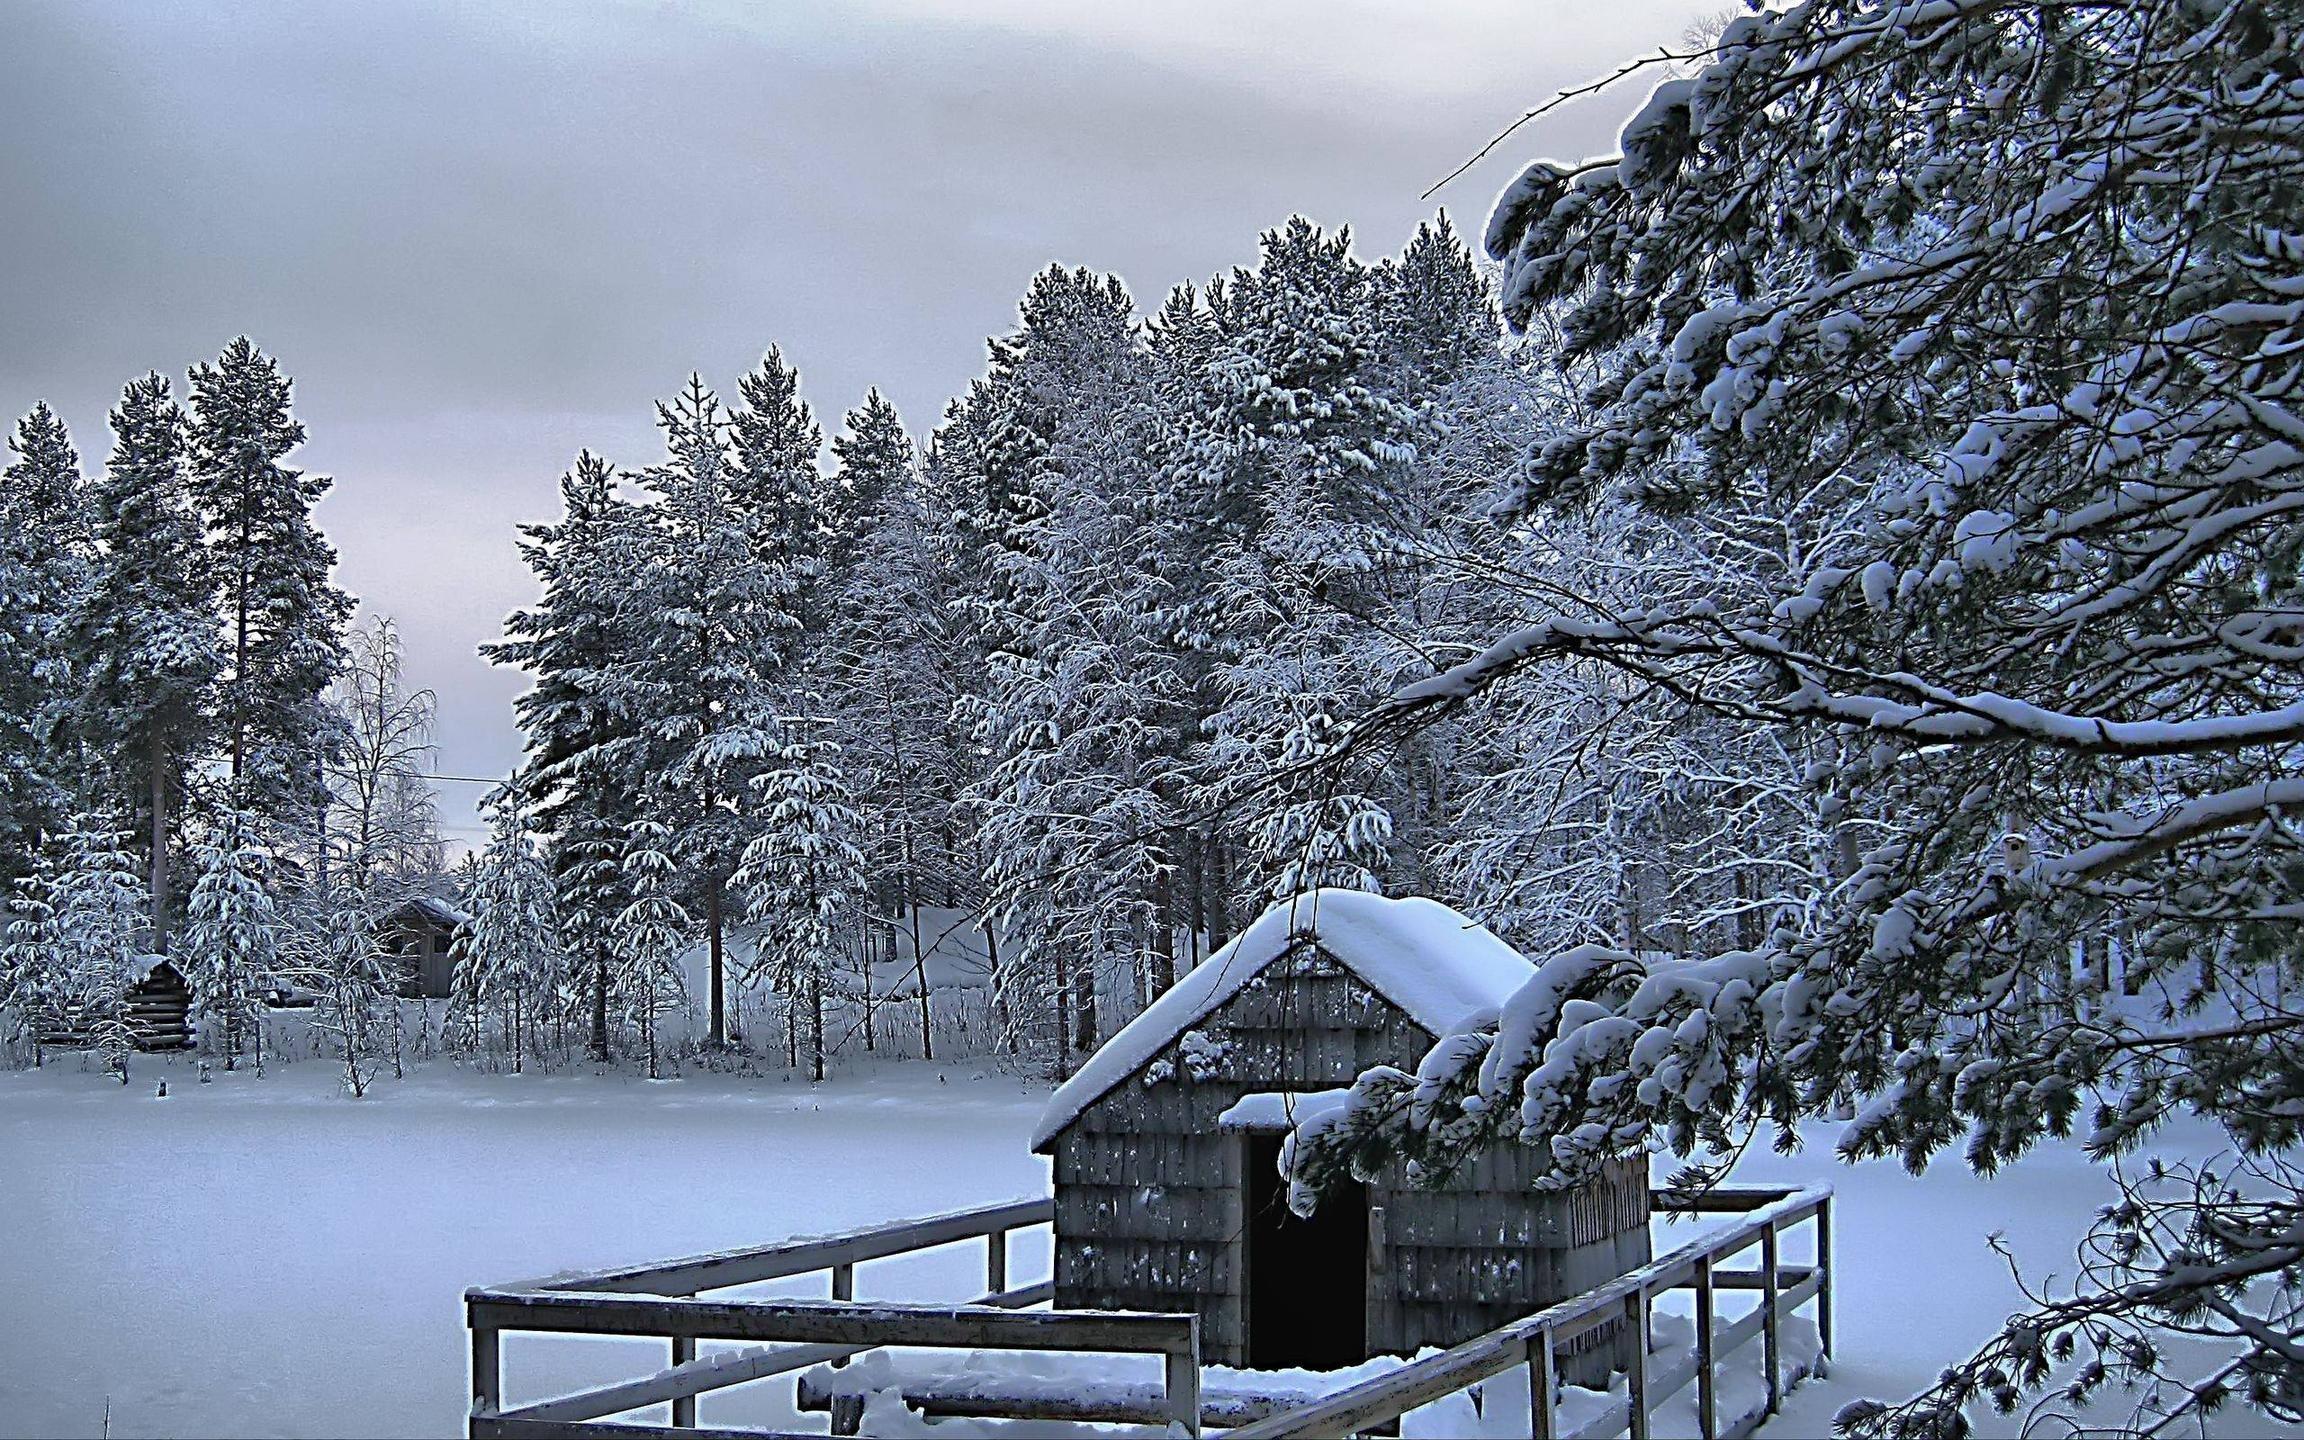 Snow Scene Wallpaper for Desktop